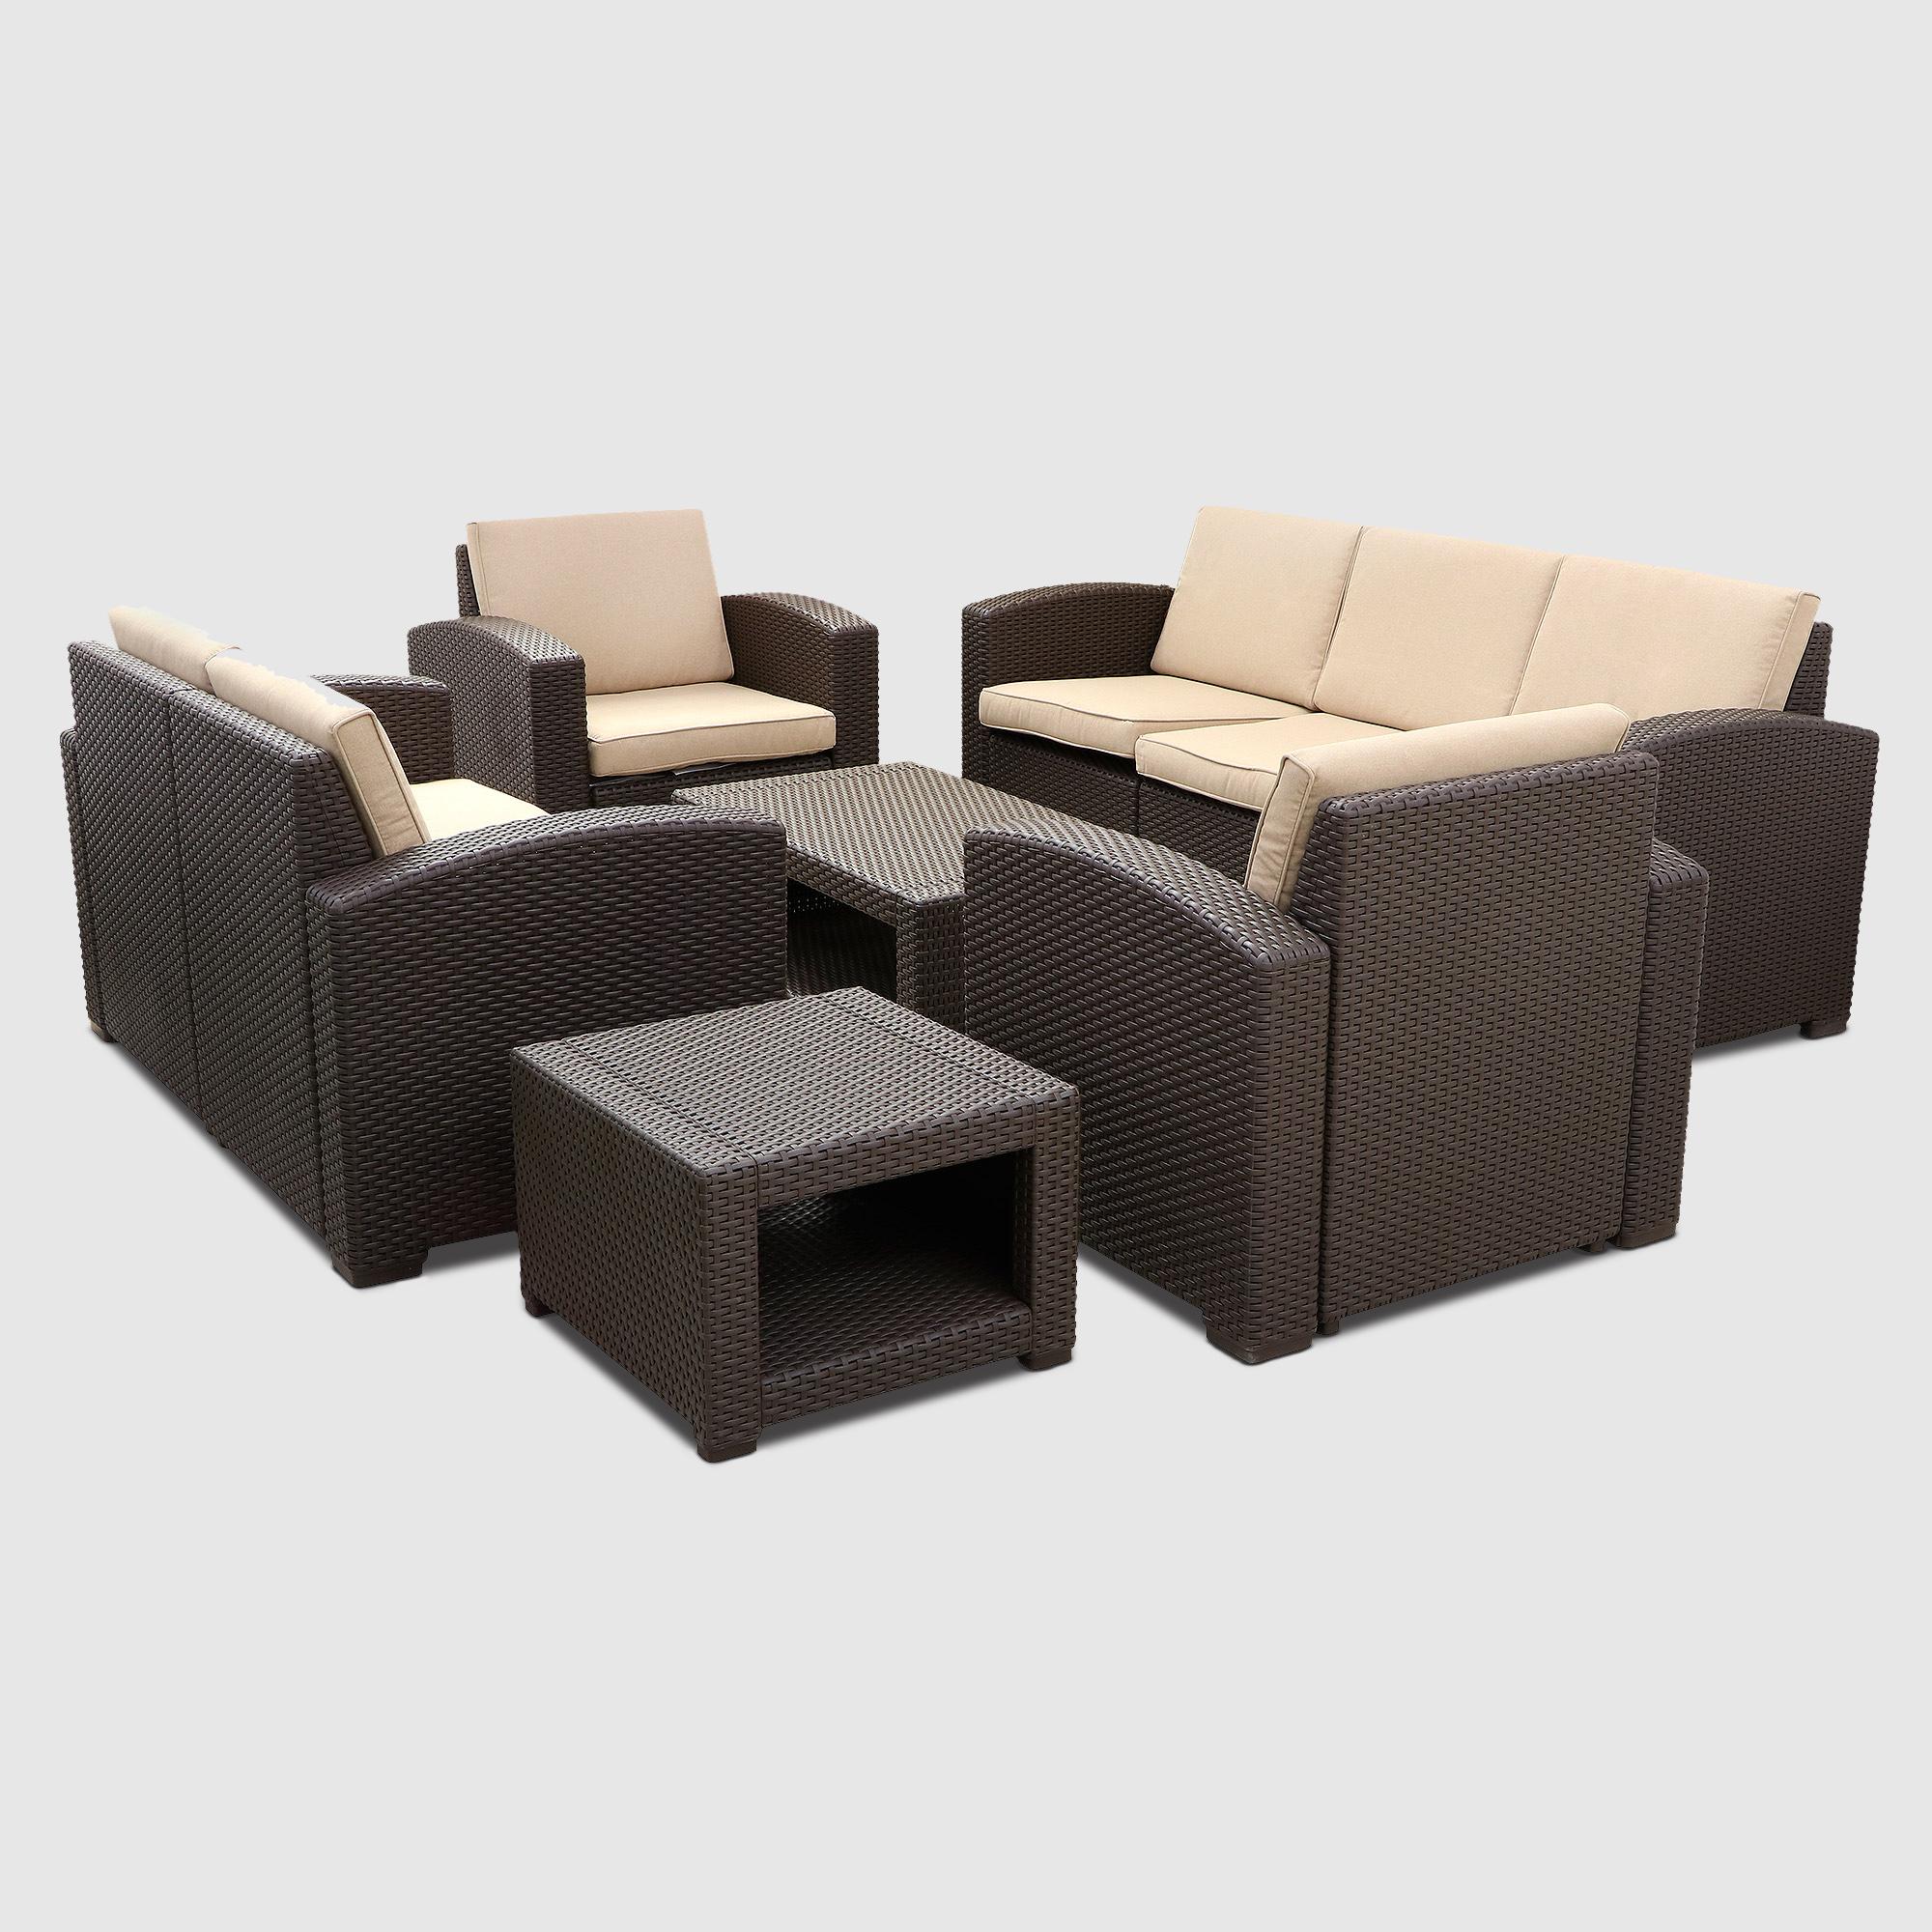 комплект садовой мебели Lf Extra Brown Beige